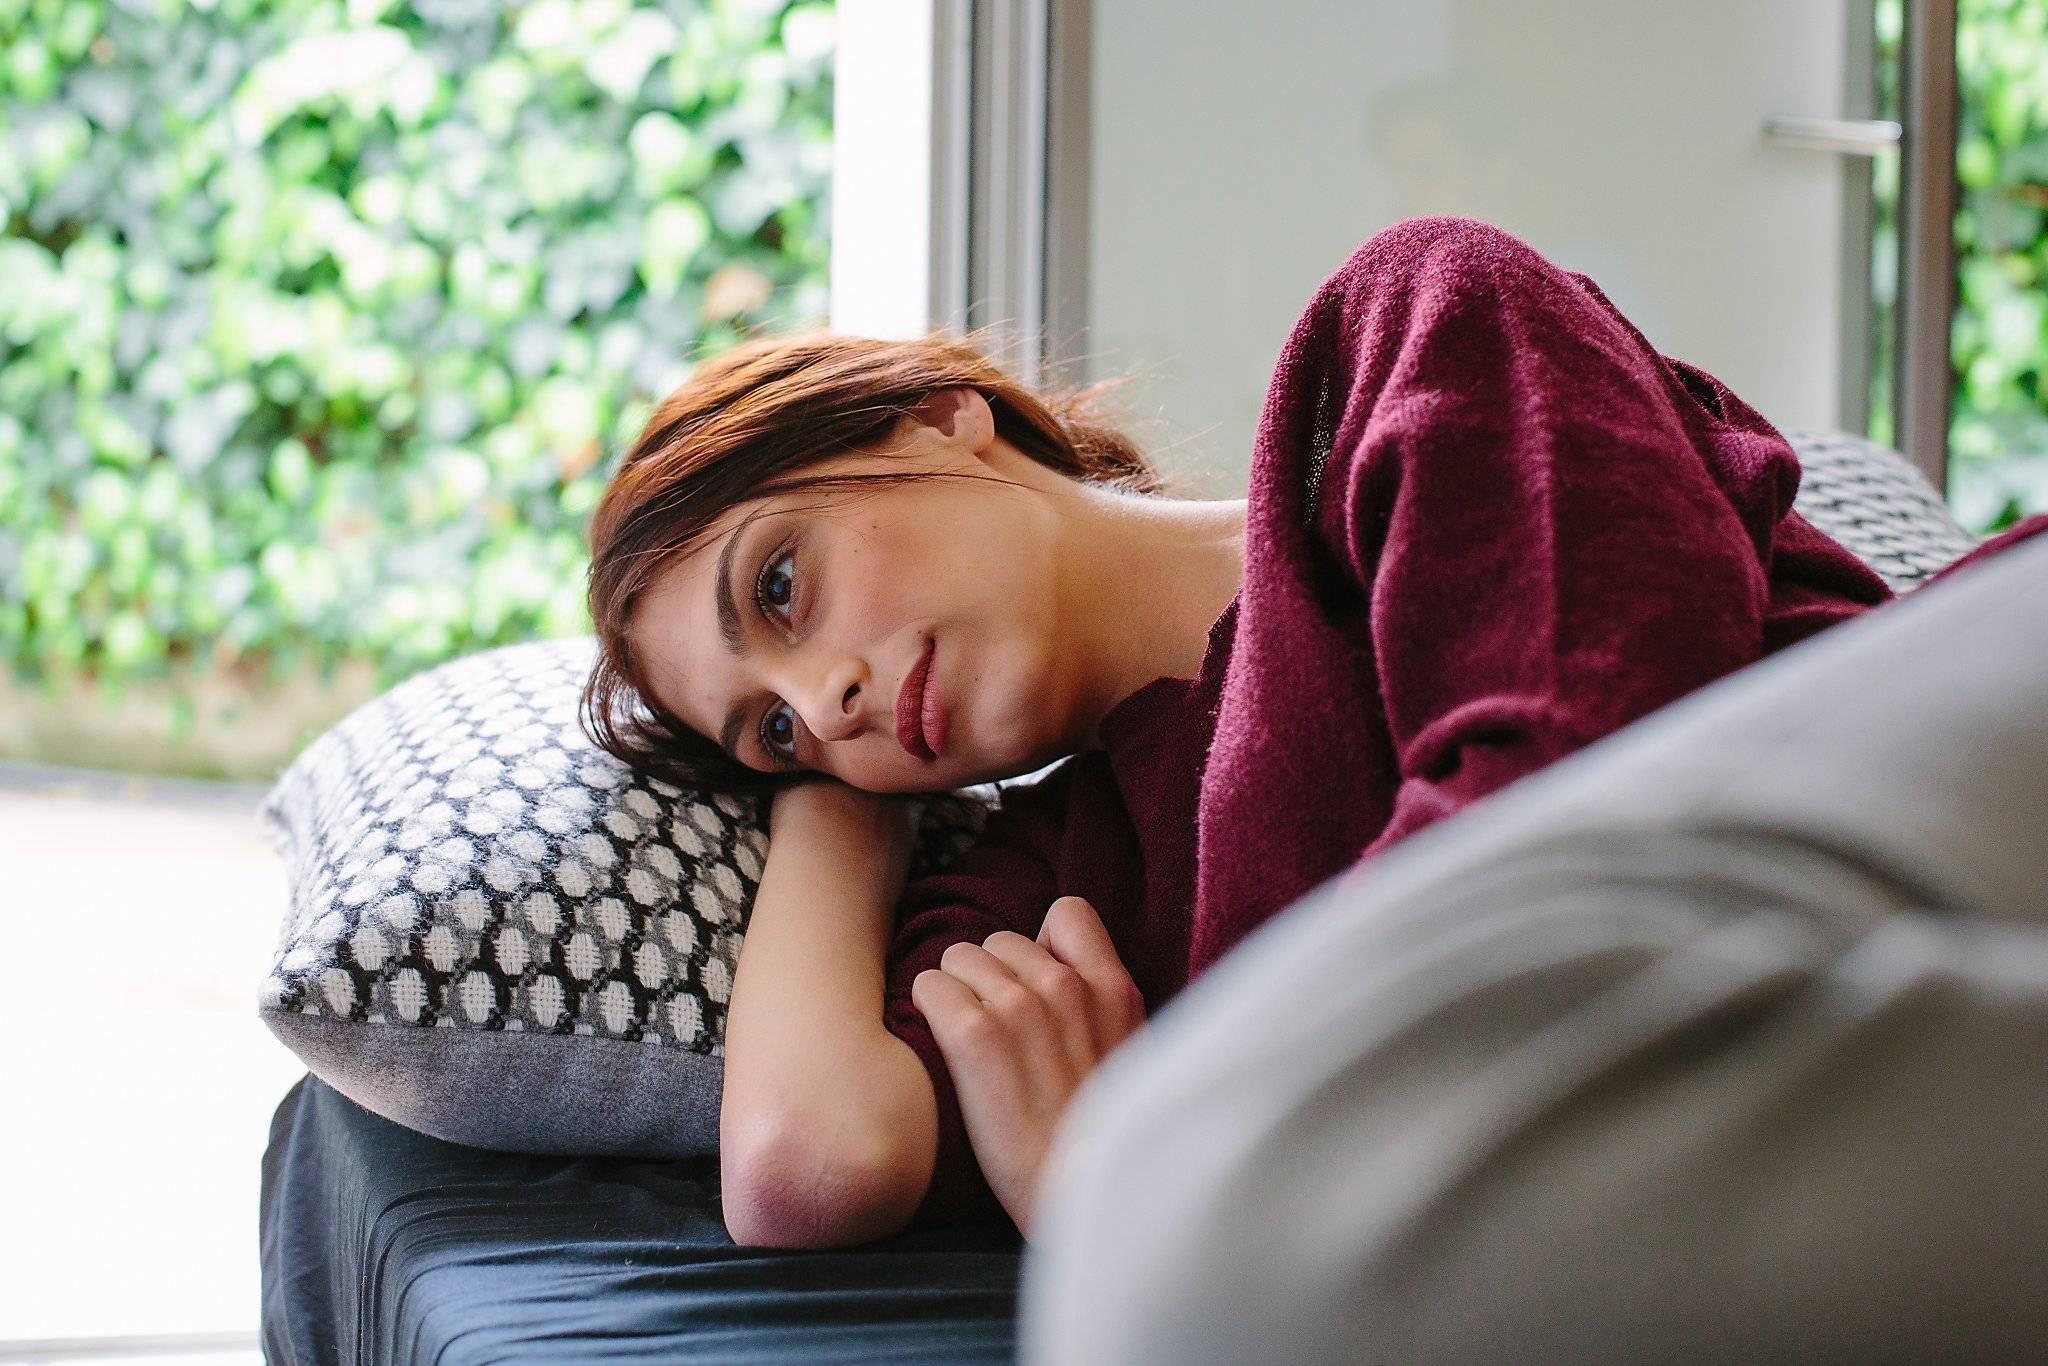 Признаки хронической депрессии: что это такое за расстройство, как избавиться